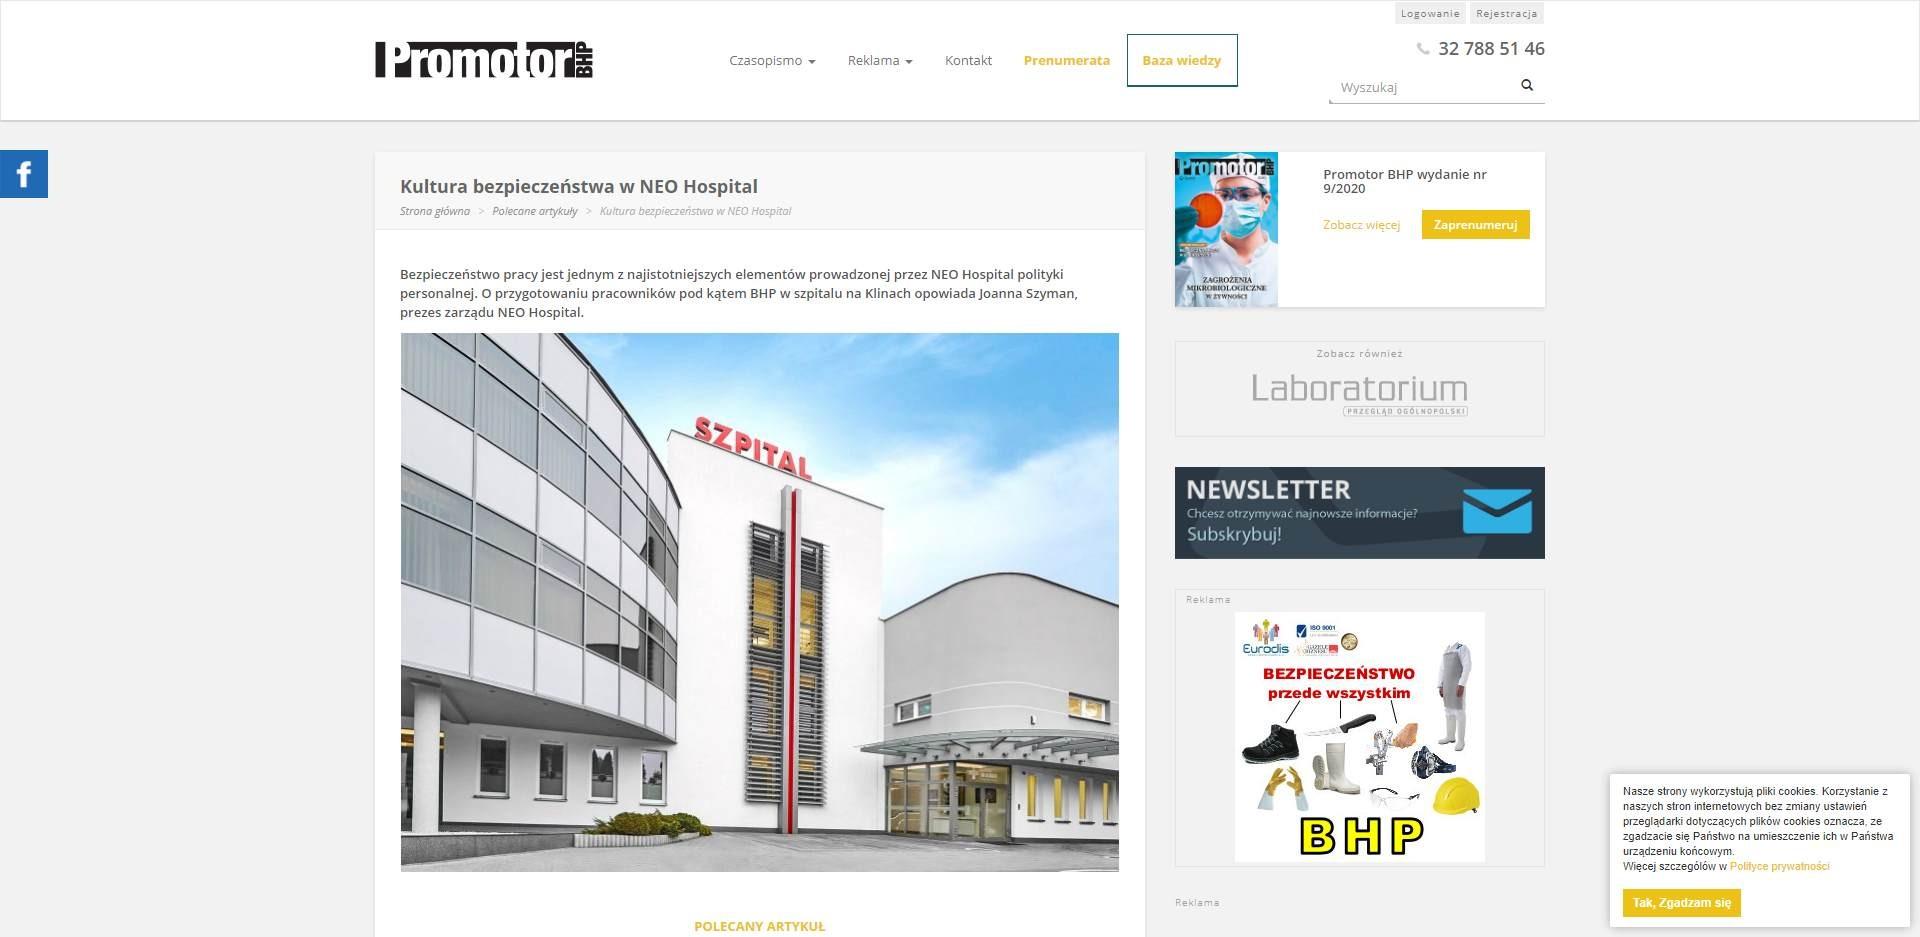 kultura bezpieczenstwa w neo hospital